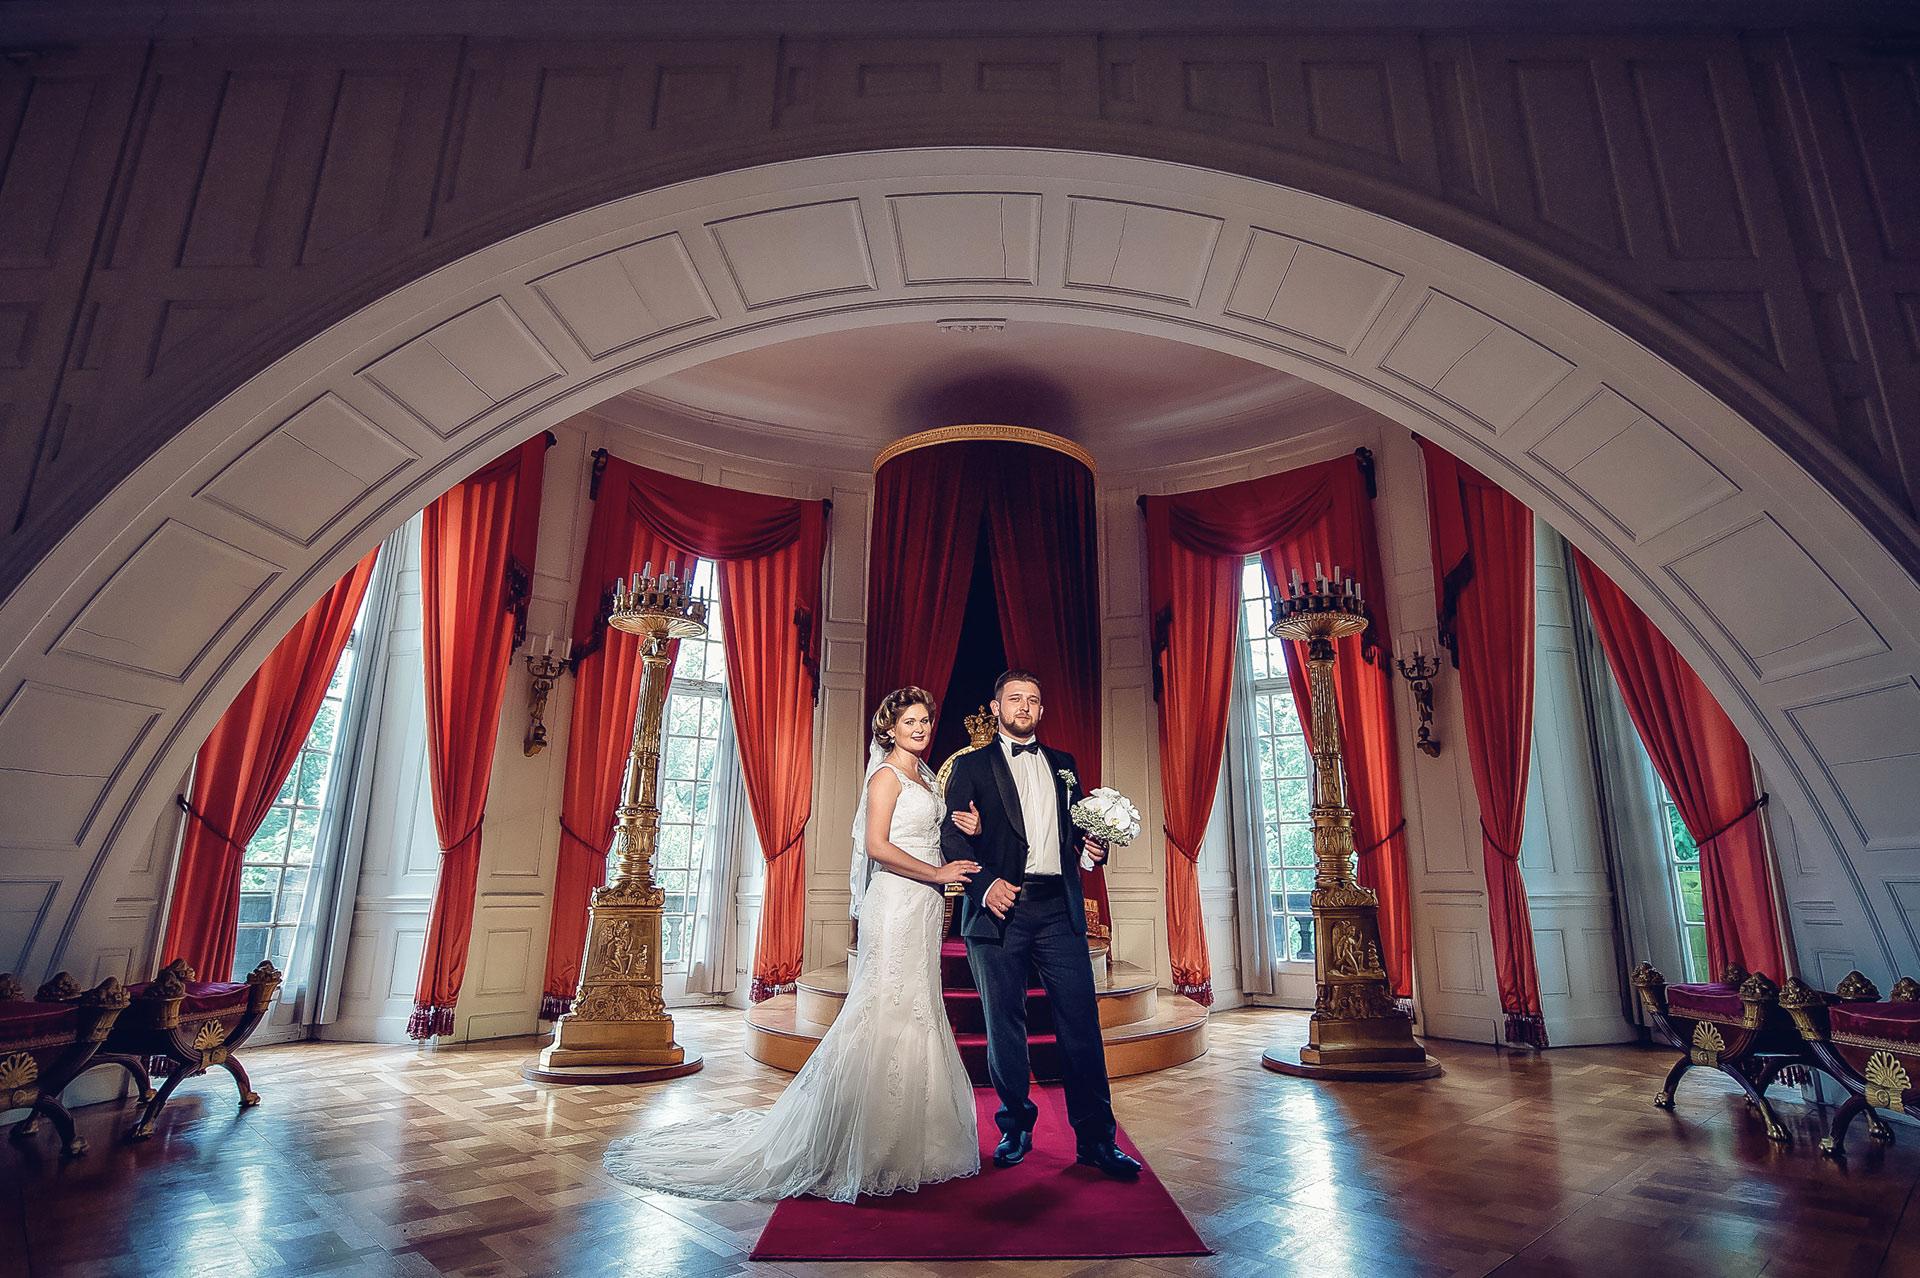 Ich bin ein professioneller, leidenschaftlicher Hochzeitsfotograf aus Kassel und biete gefuhlvolle Hochzeitsreportagen Vitali Gumann Hochzeitsfotograf aus Kassel Professionelle Foto und Video Produktion aus Kassel, Fotografie Nikon Canon Sony,velstudio,artdesign,vel-studio,art-design